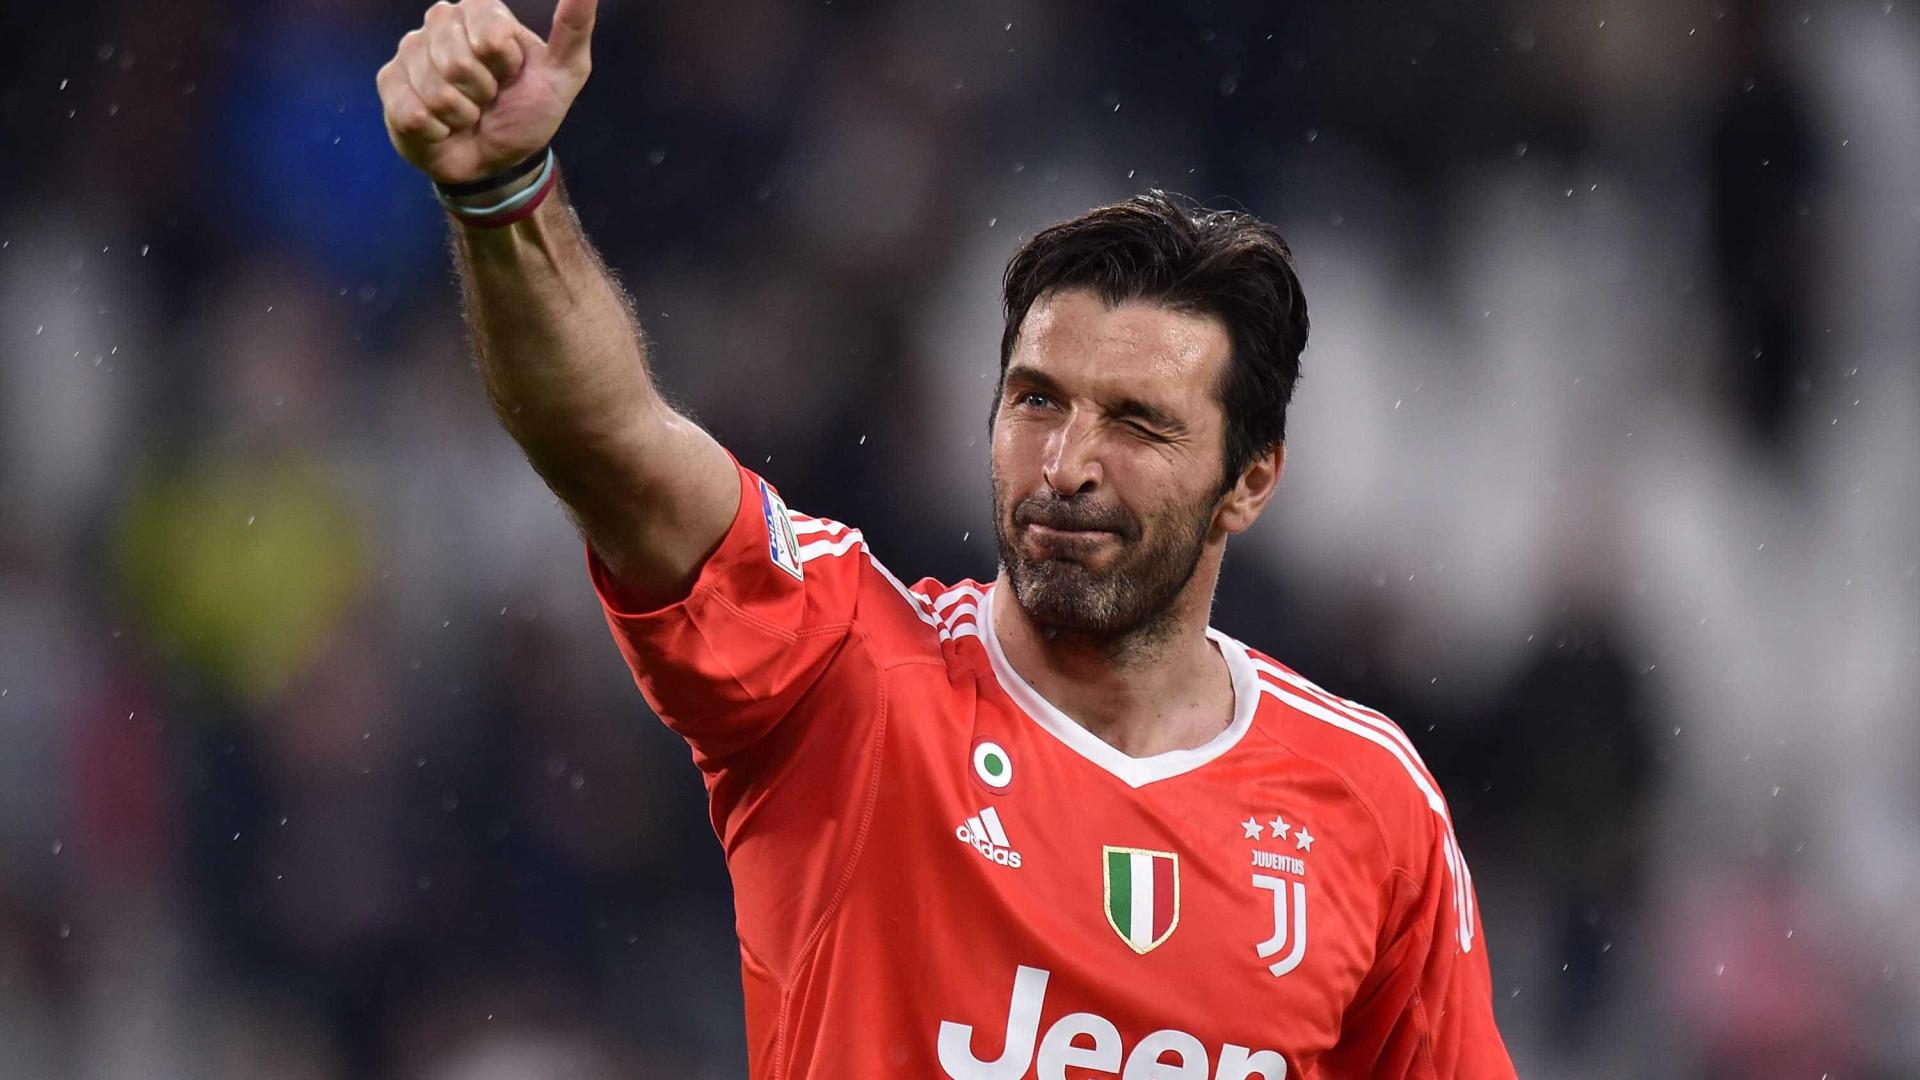 Aos 40 anos, Gianluigi Buffon confessa ter medo da aposentadoria